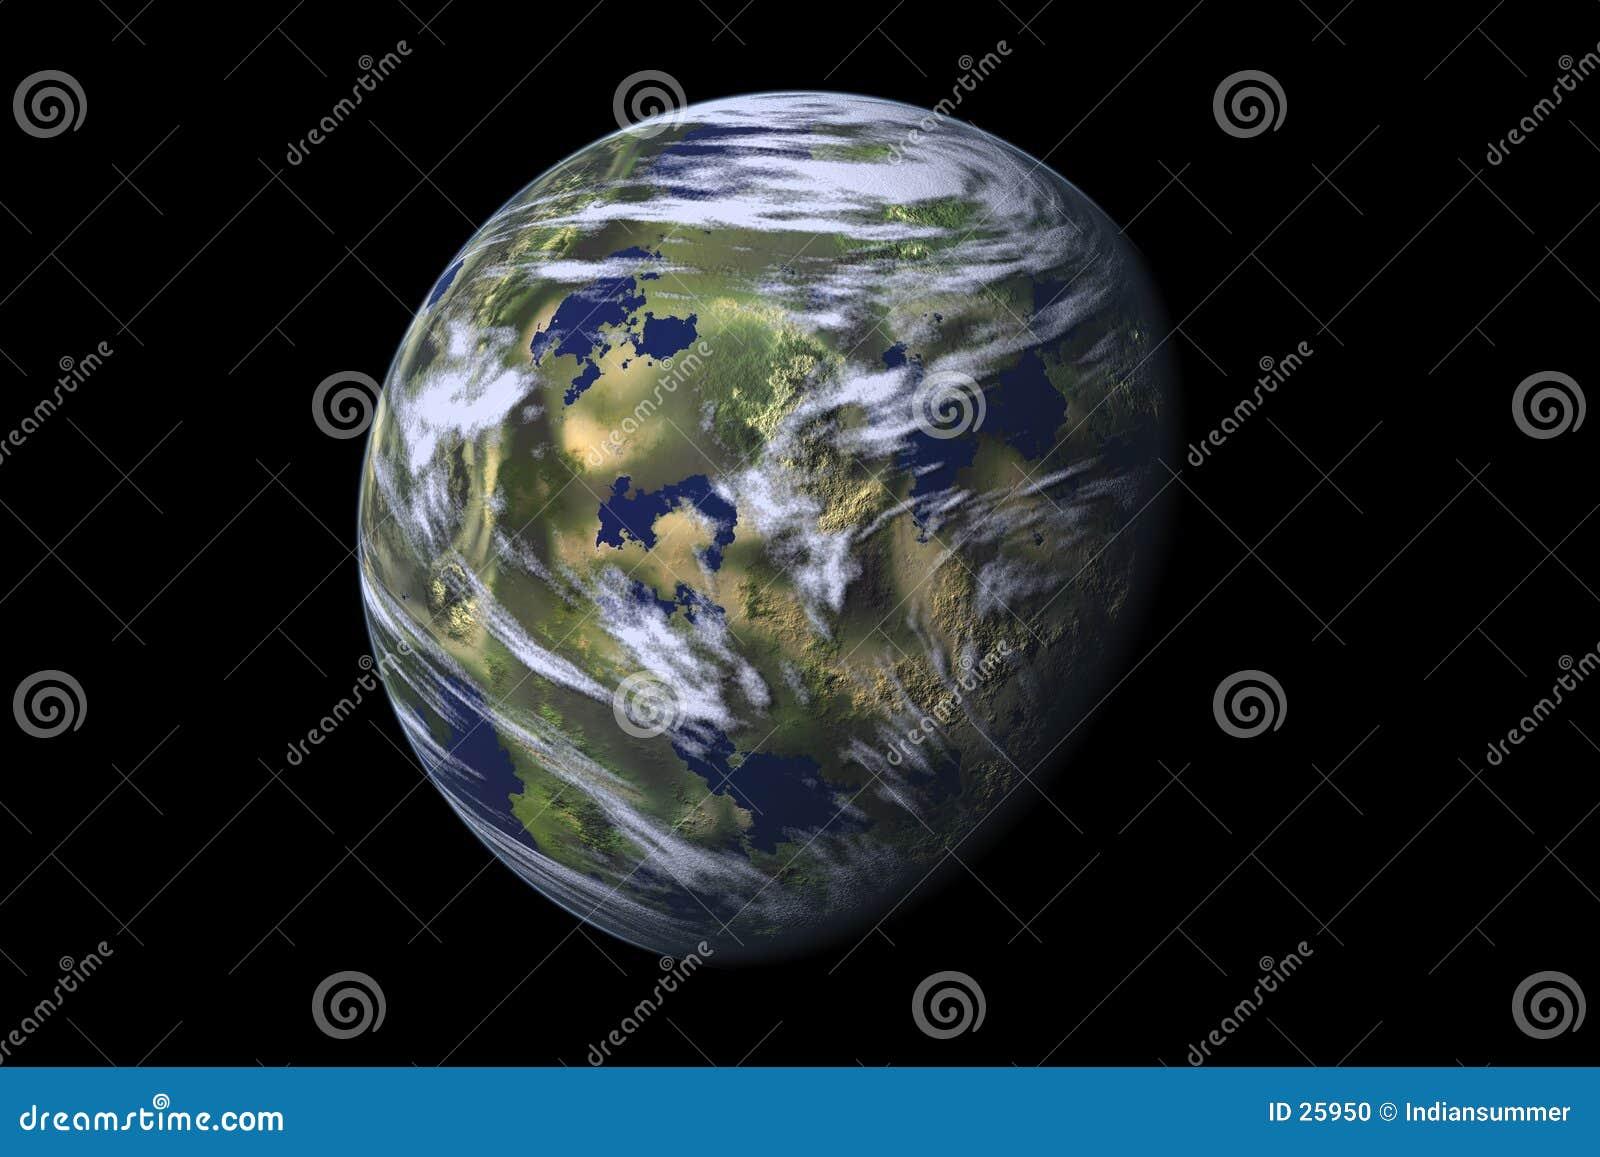 Earth planet, II